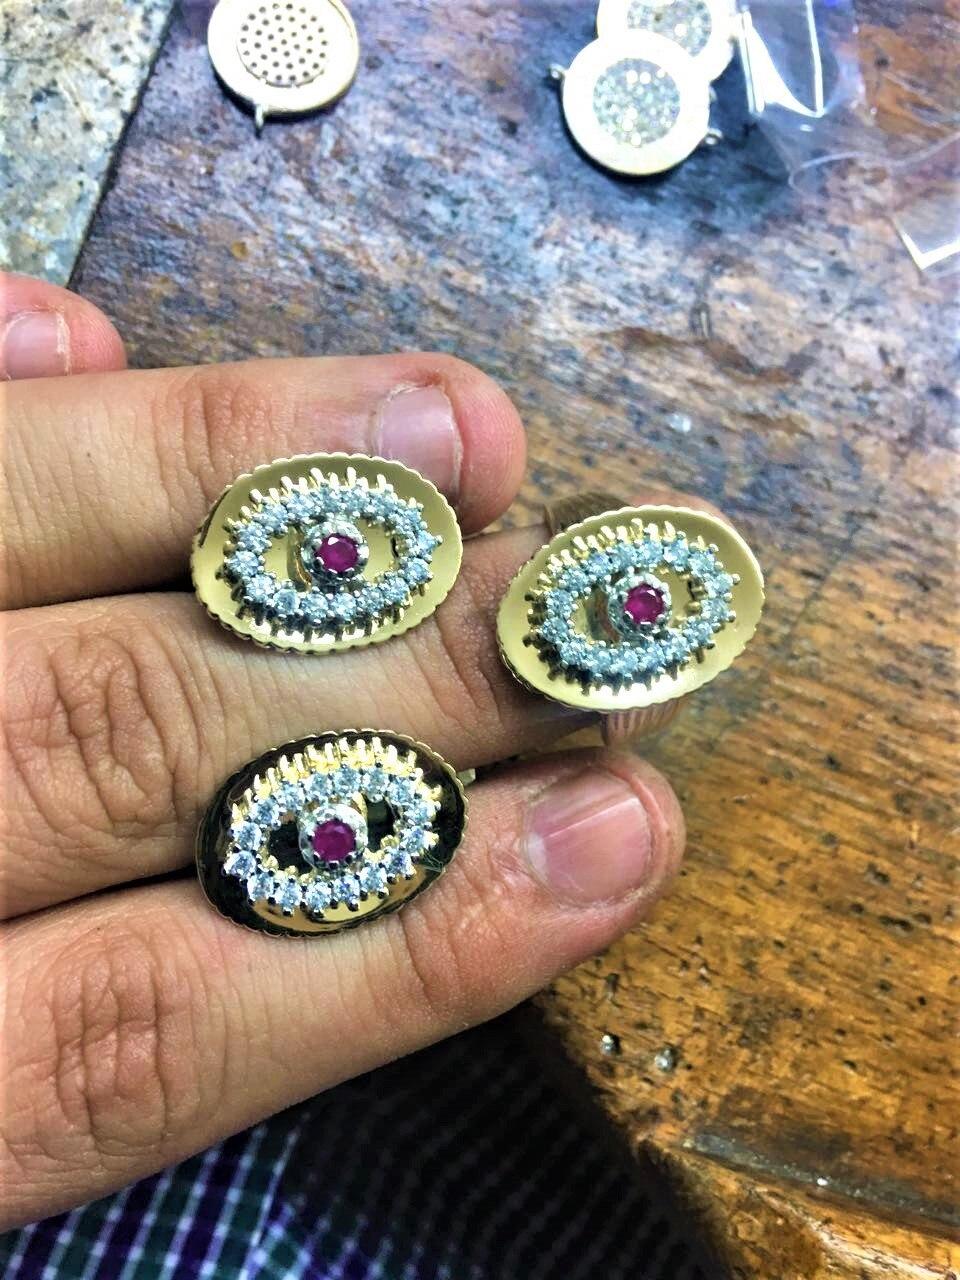 جولة شيك 2 قطعة الأقراط-1 قطعة خاتم الفضة 925 الأبيض حجر منجد مع الحجر الأحمر شيك المجوهرات في الأوسط